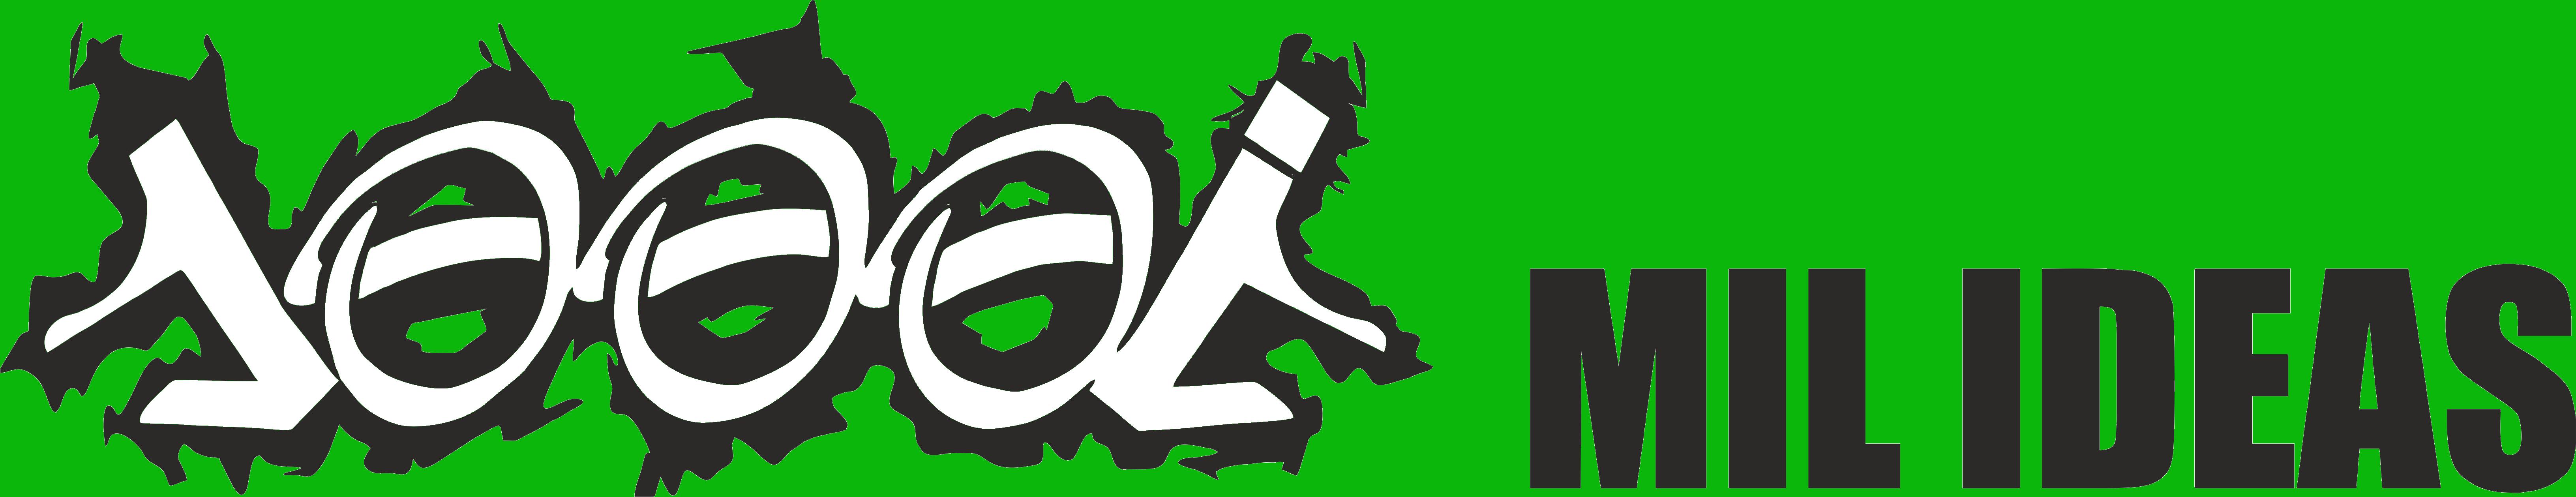 Mil Ideas: Servicios de Imprenta en León, Impresión Digital y Gran Formato, Vinilos y Serigrafía